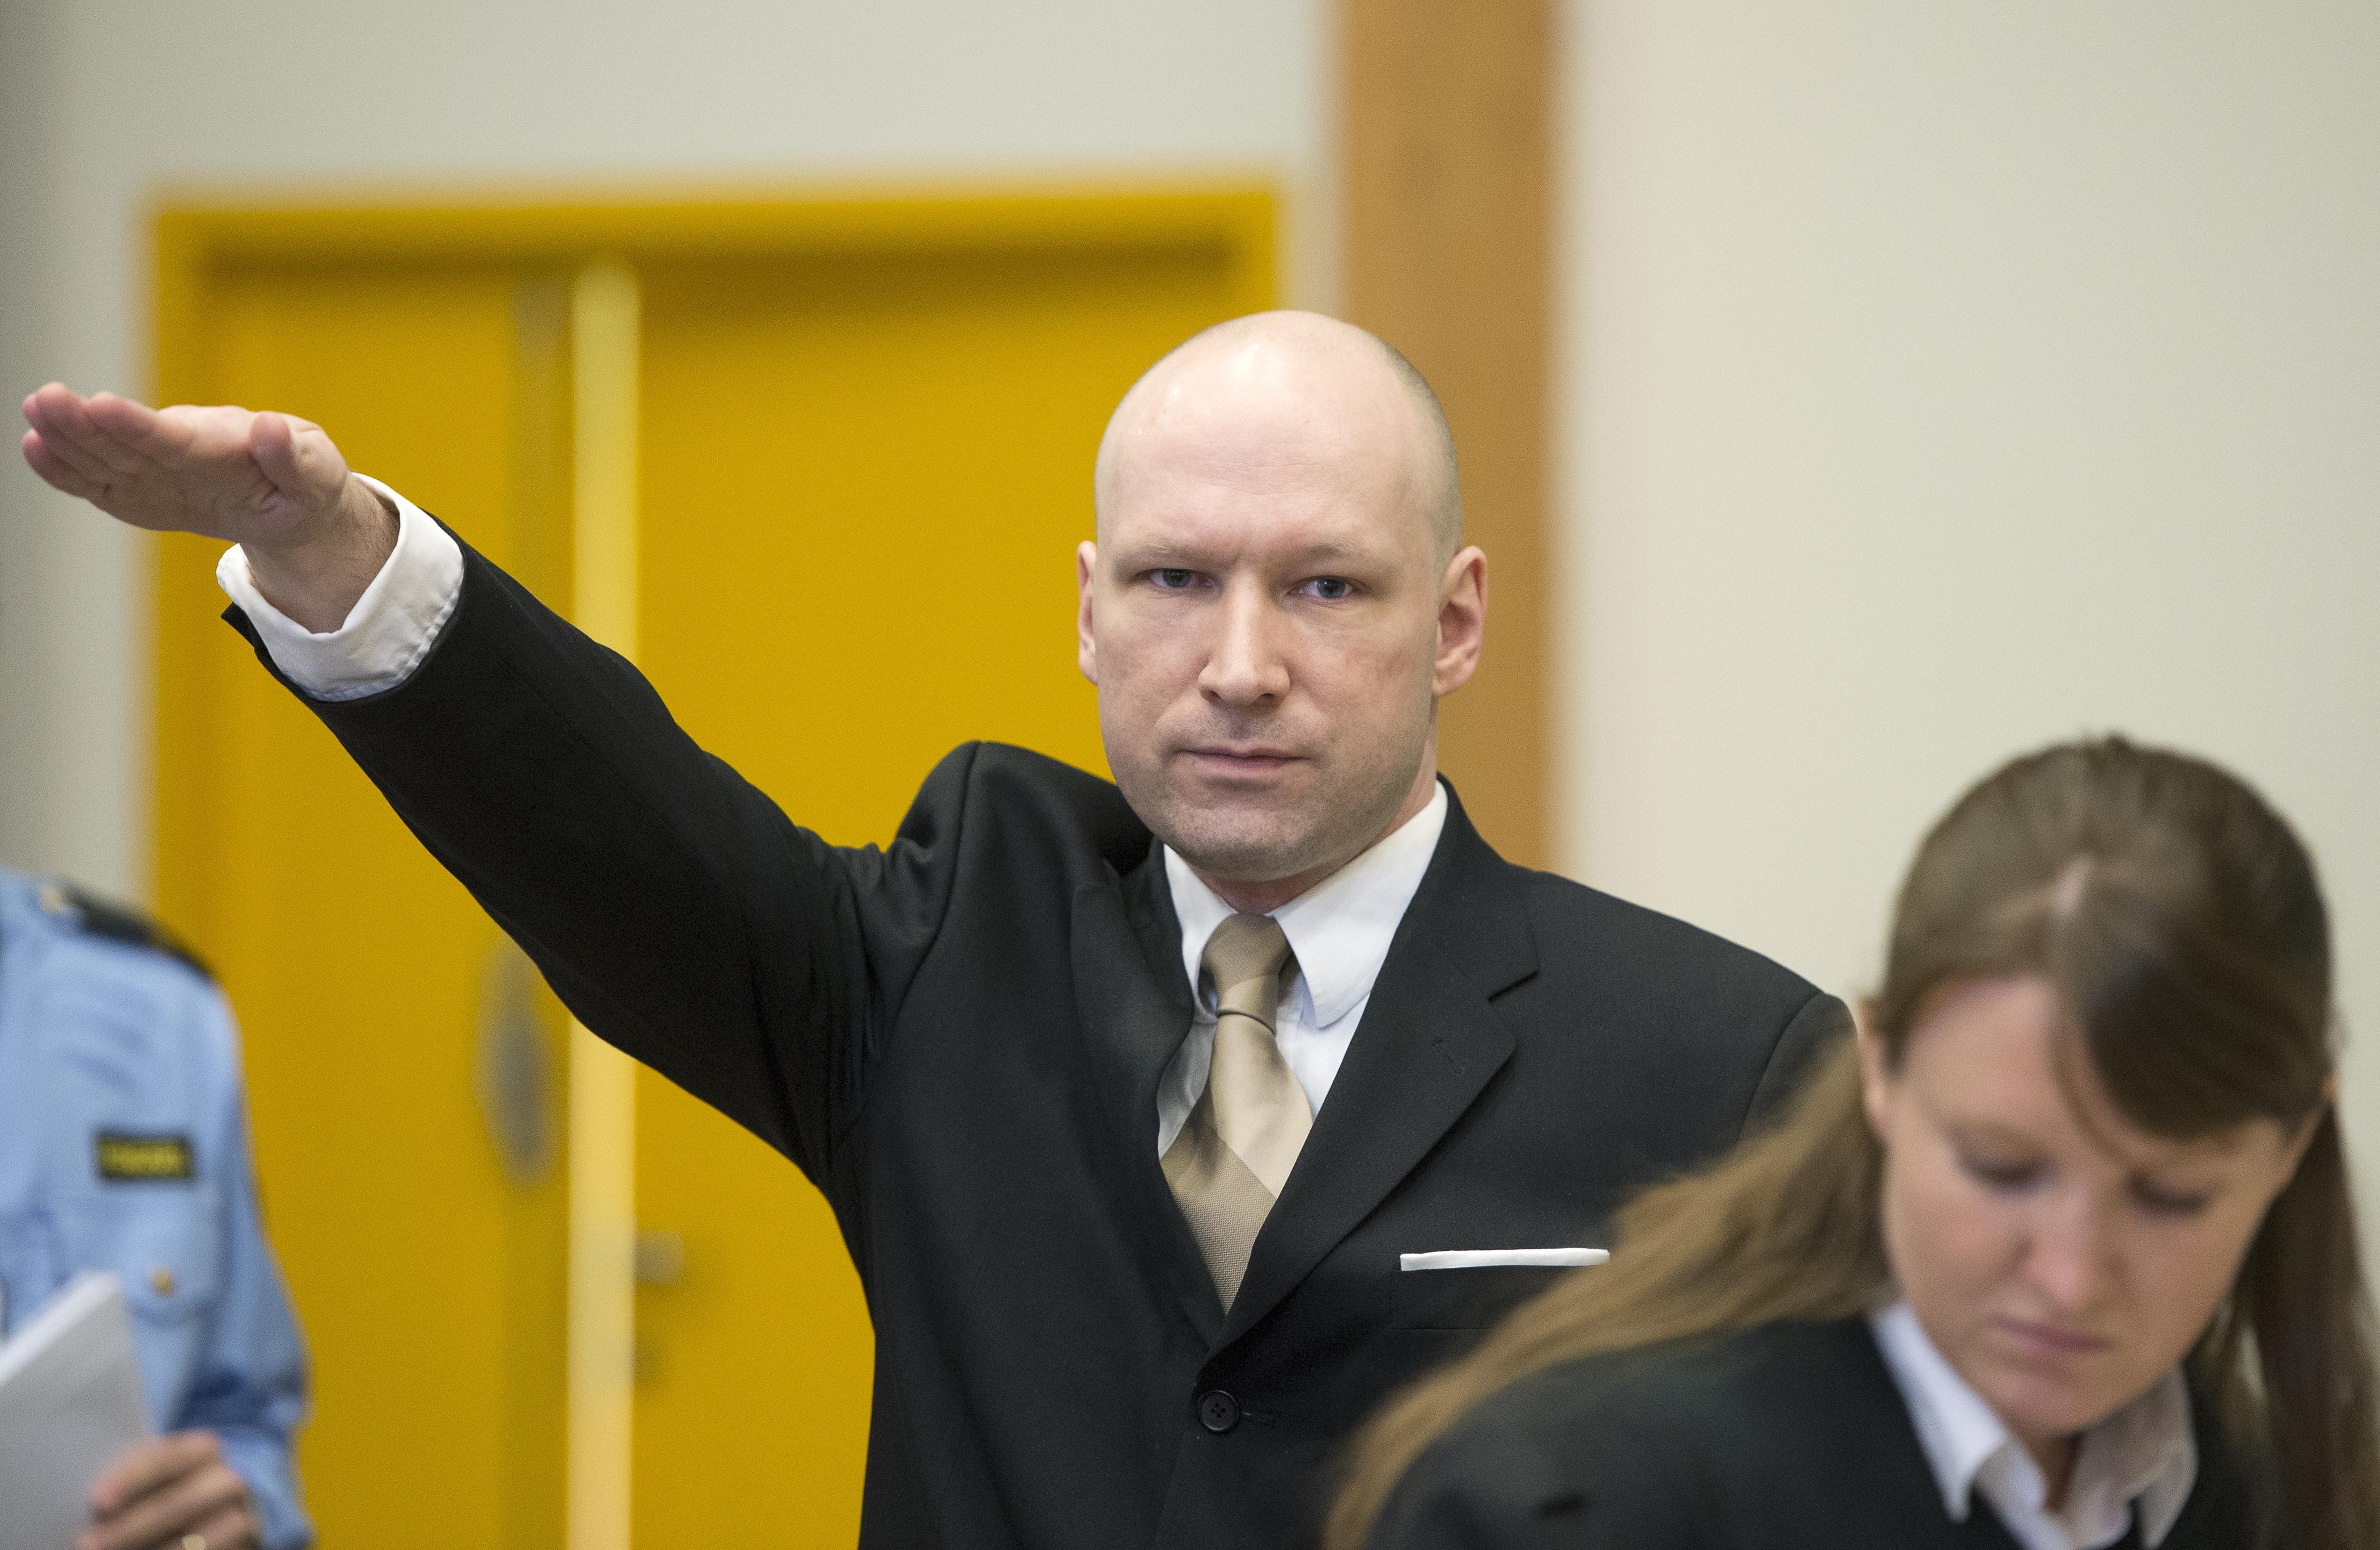 Tíz éve történt, hogy egy szélsőséges ultranacionalista lemészárolt 77 embert Norvégiában